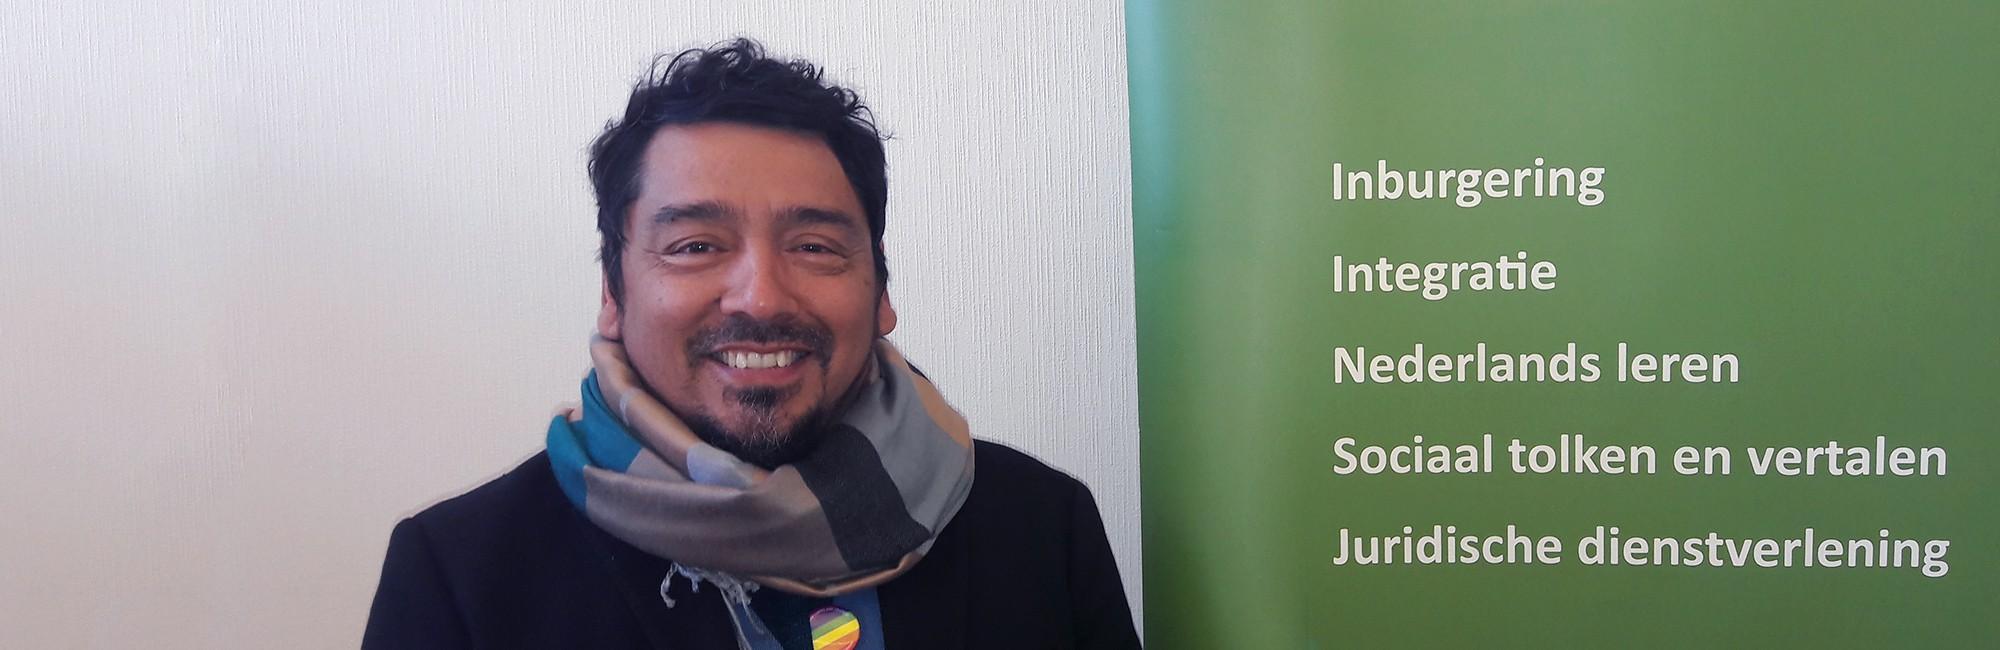 Foto van Oscar, docent maatschappelijke oriëntatie